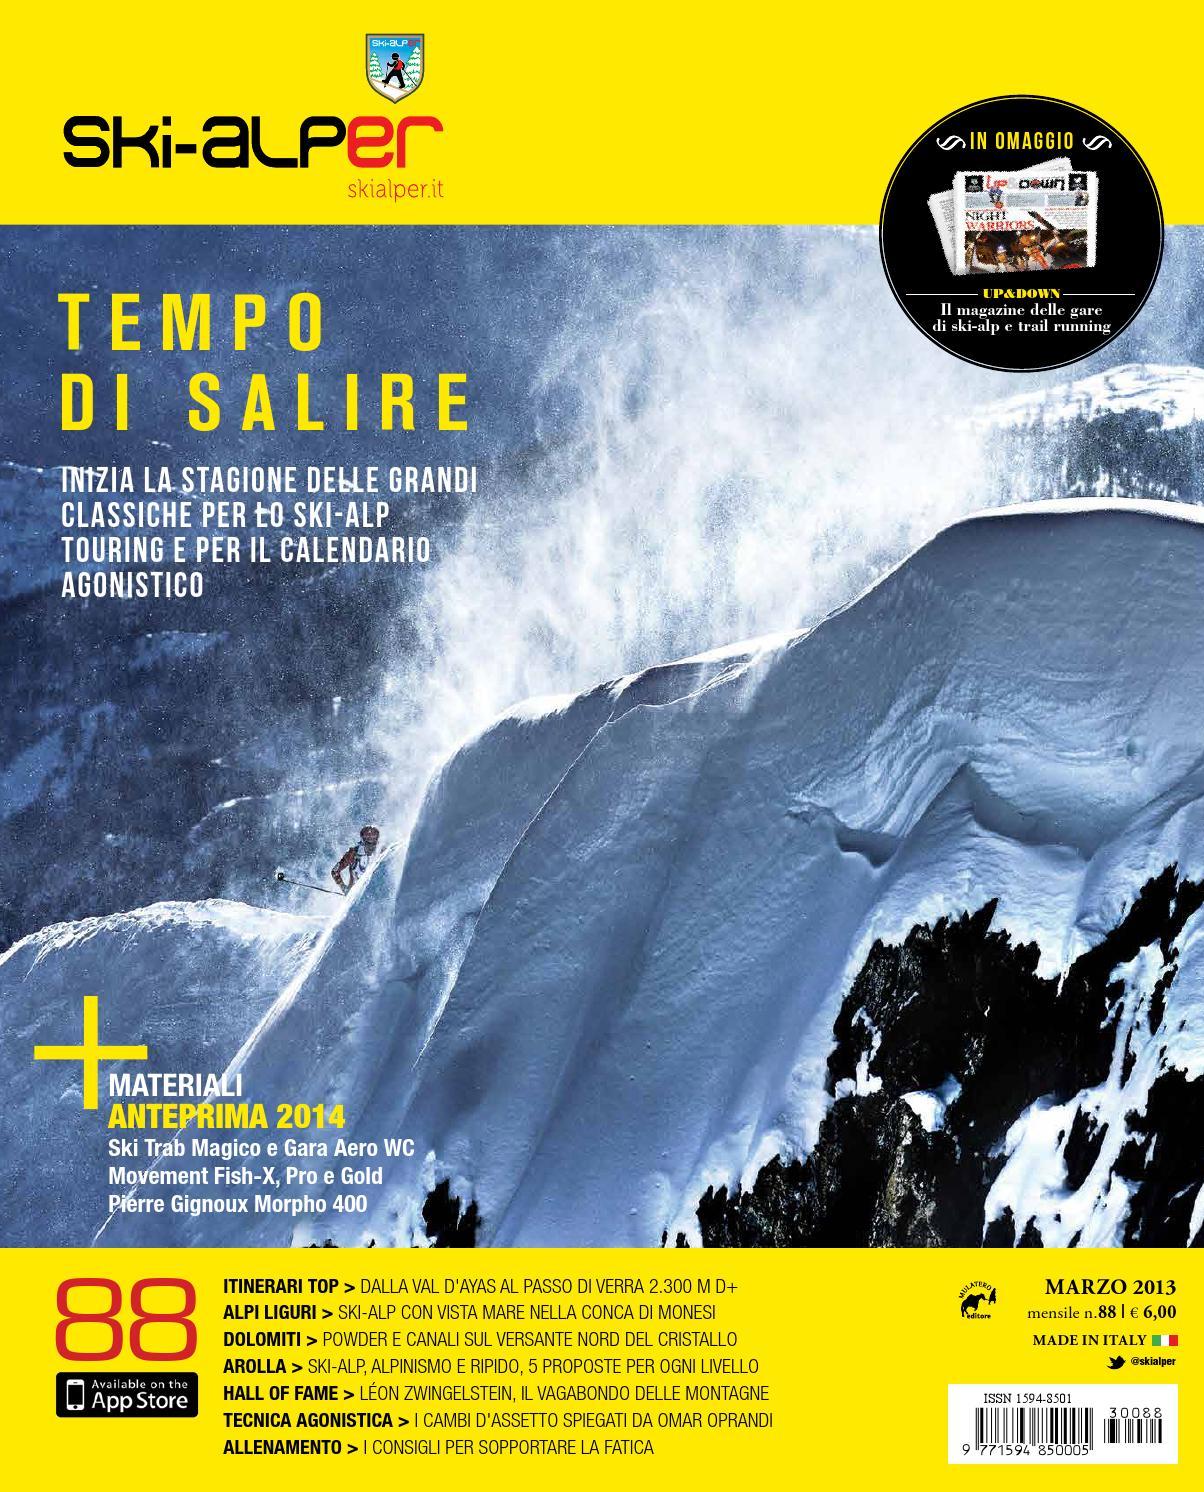 Ski-alper 88 by Mulatero Editore - issuu 51e9cfb472d